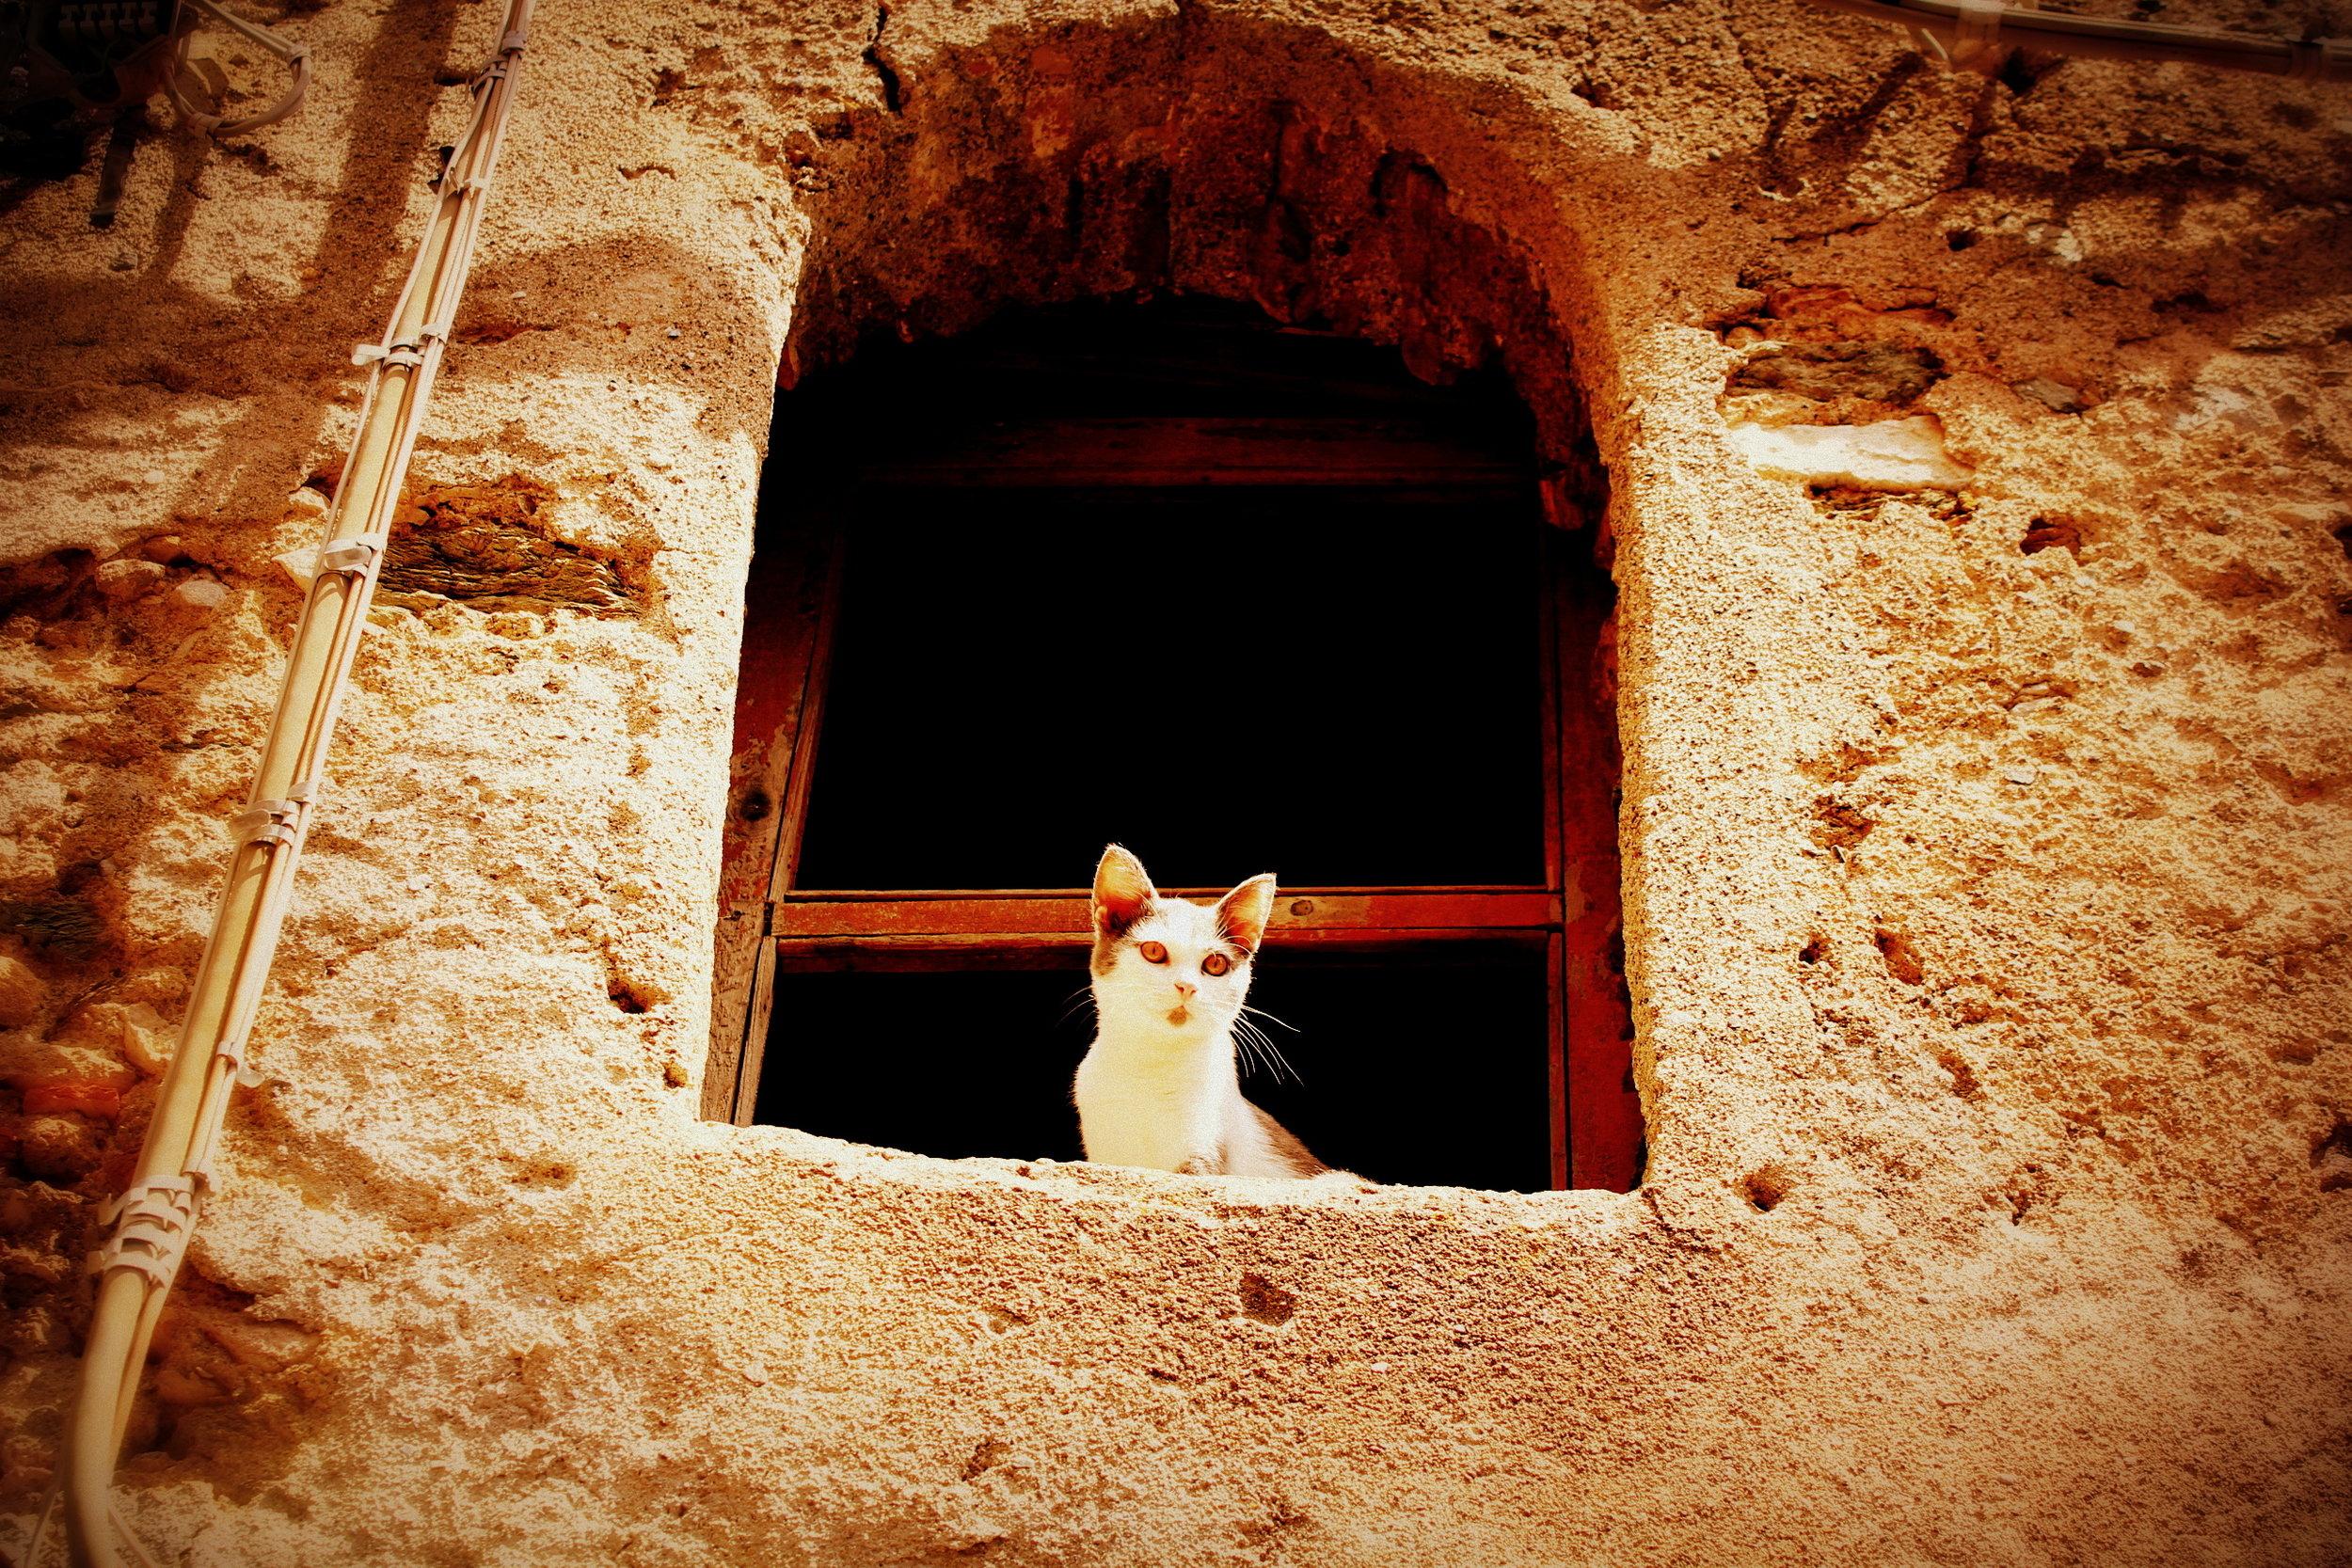 A cat in Scaletta Zanclea